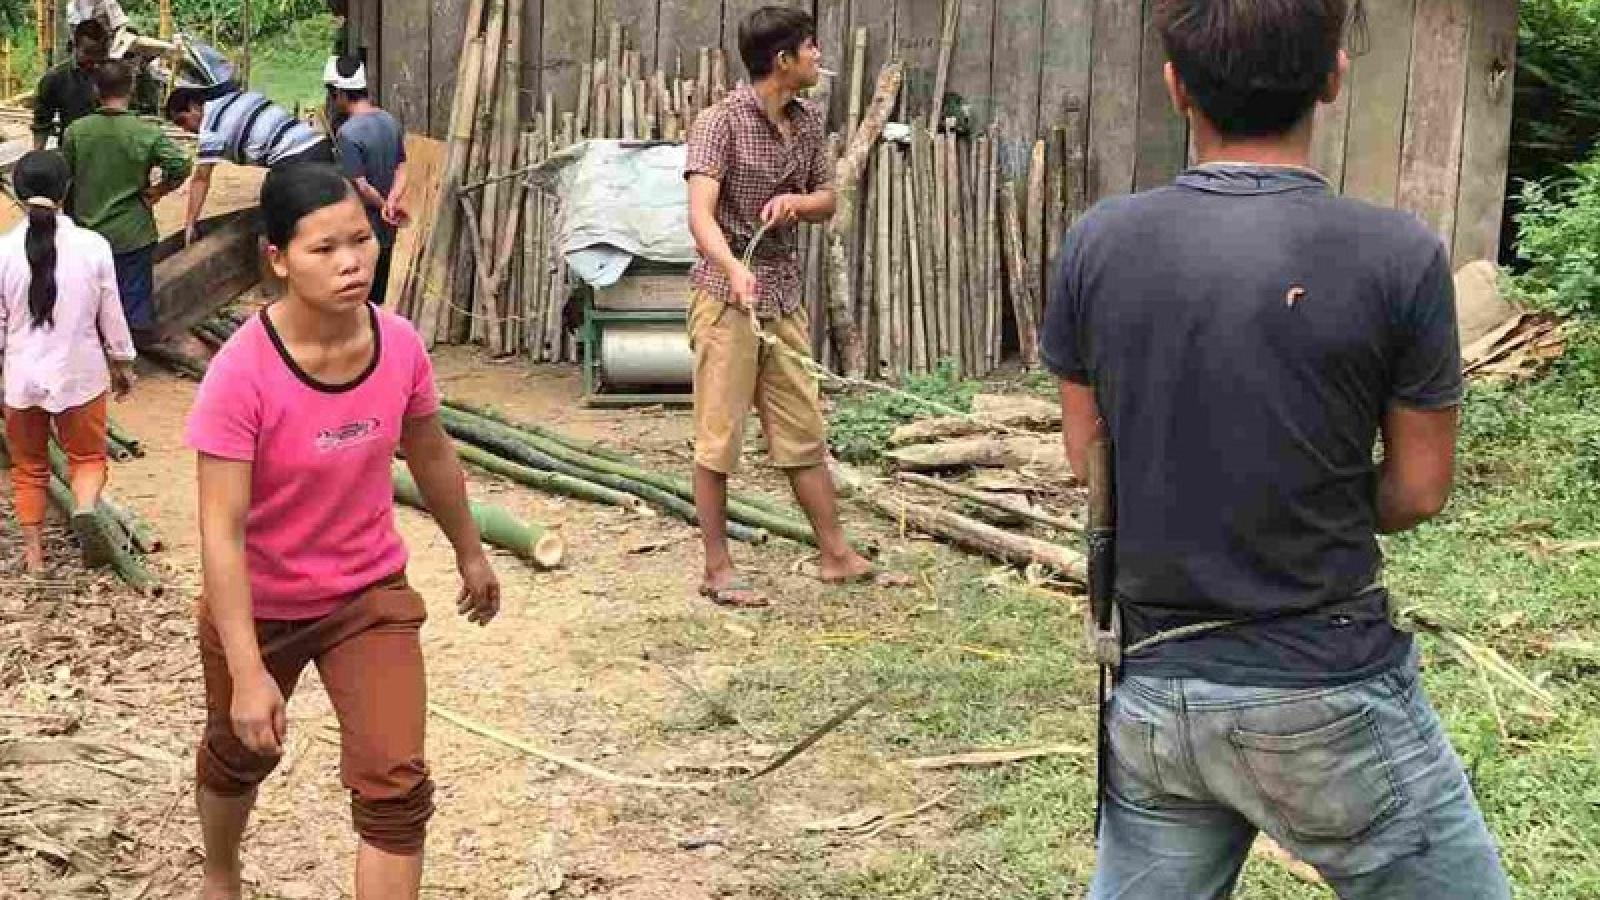 Chồng sát hại vợ rồi trốn lên rừng tự sát